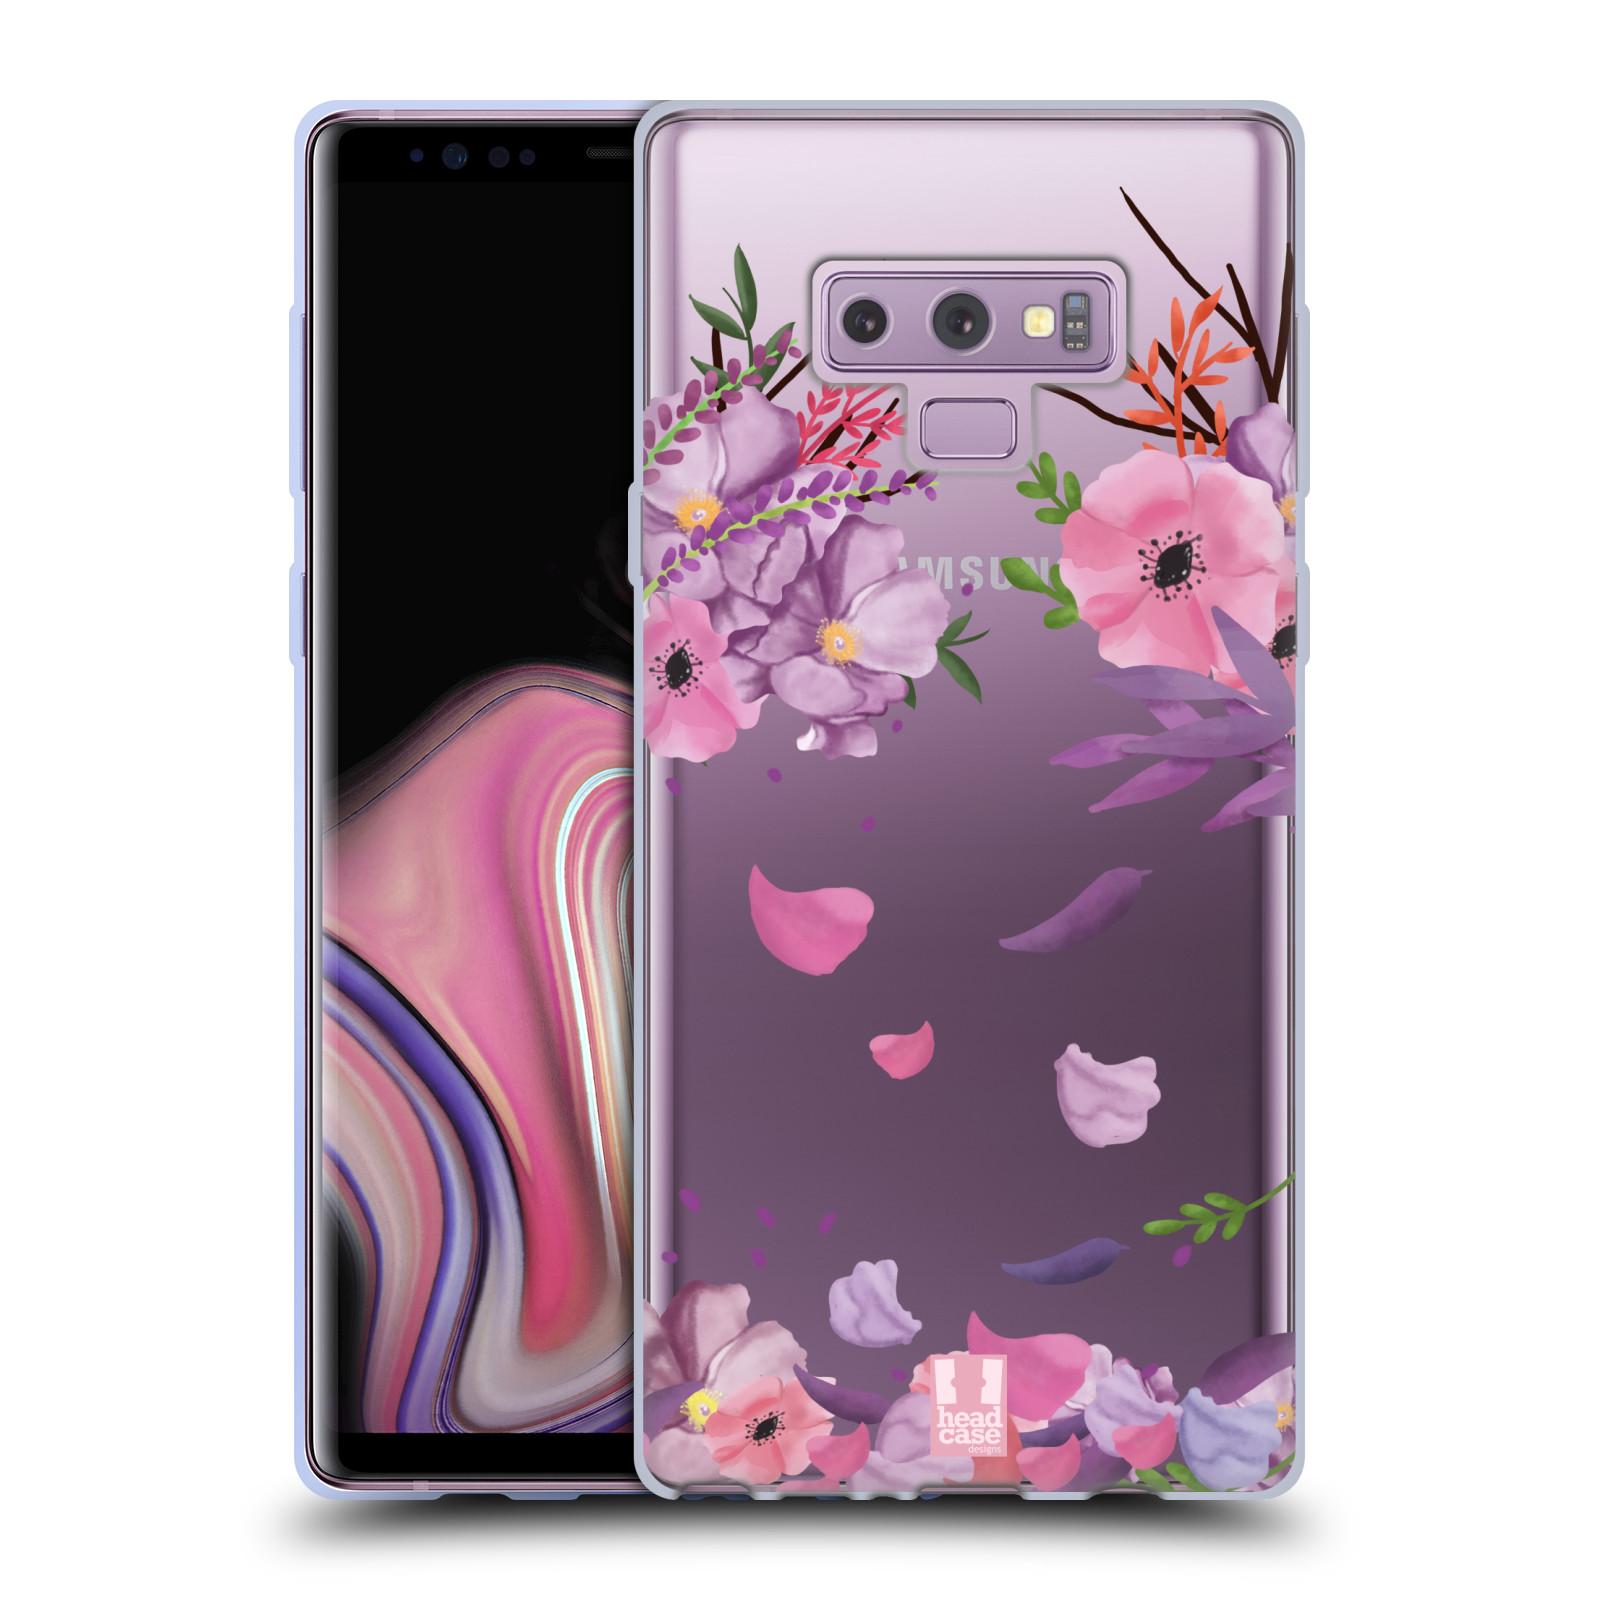 Silikonové pouzdro na mobil Samsung Galaxy Note 9 - Head Case - Okvětní lístky